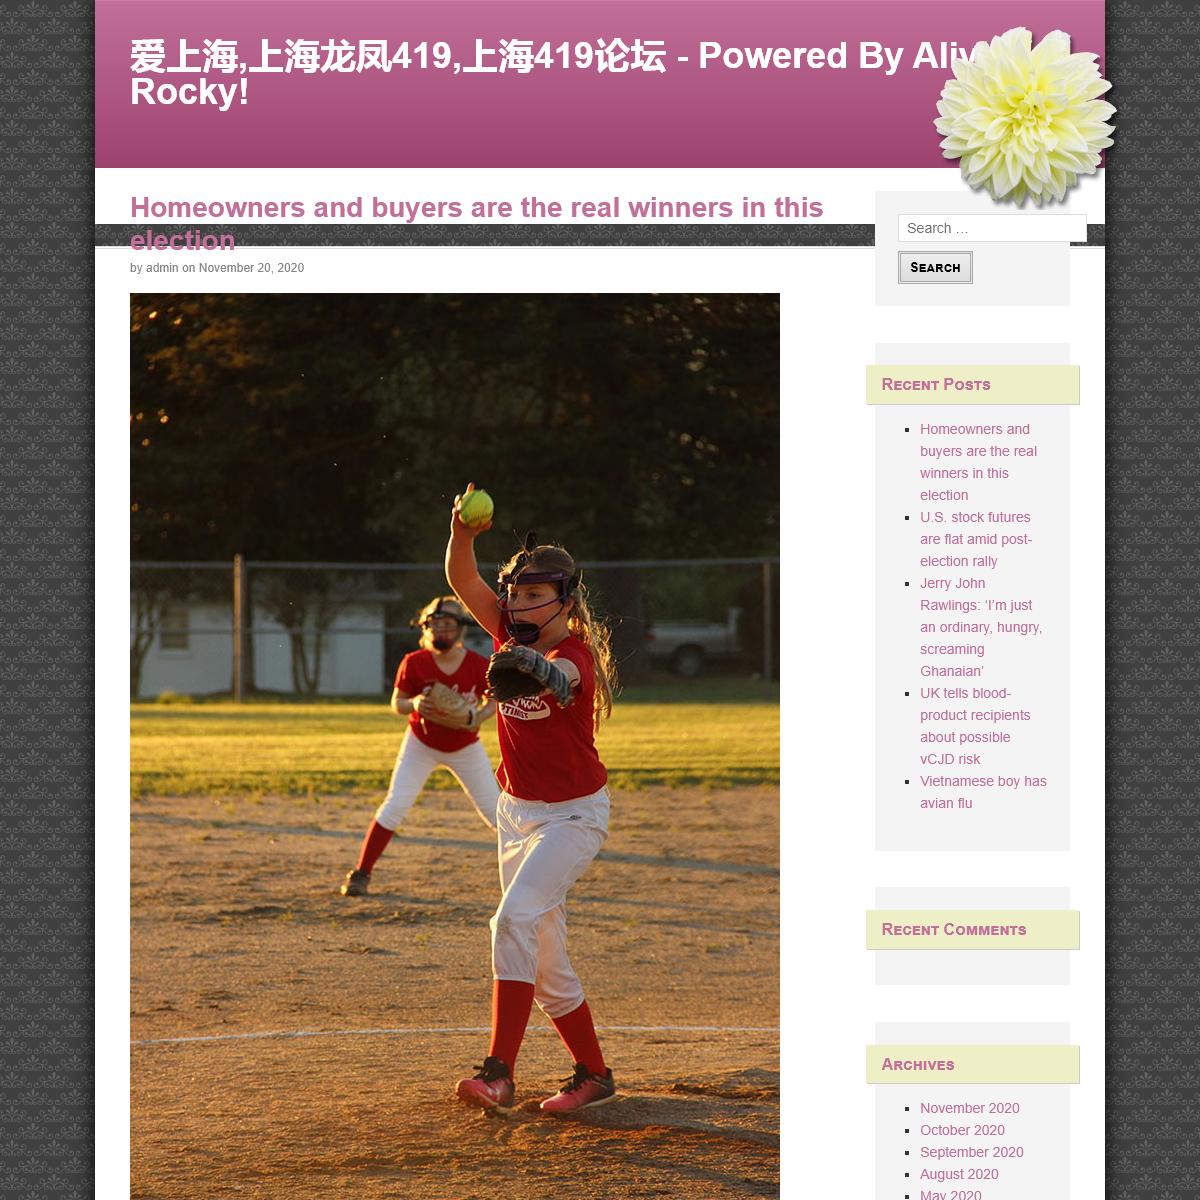 爱上海,上海龙凤419,上海419论坛 - Powered By Aliya Rocky!